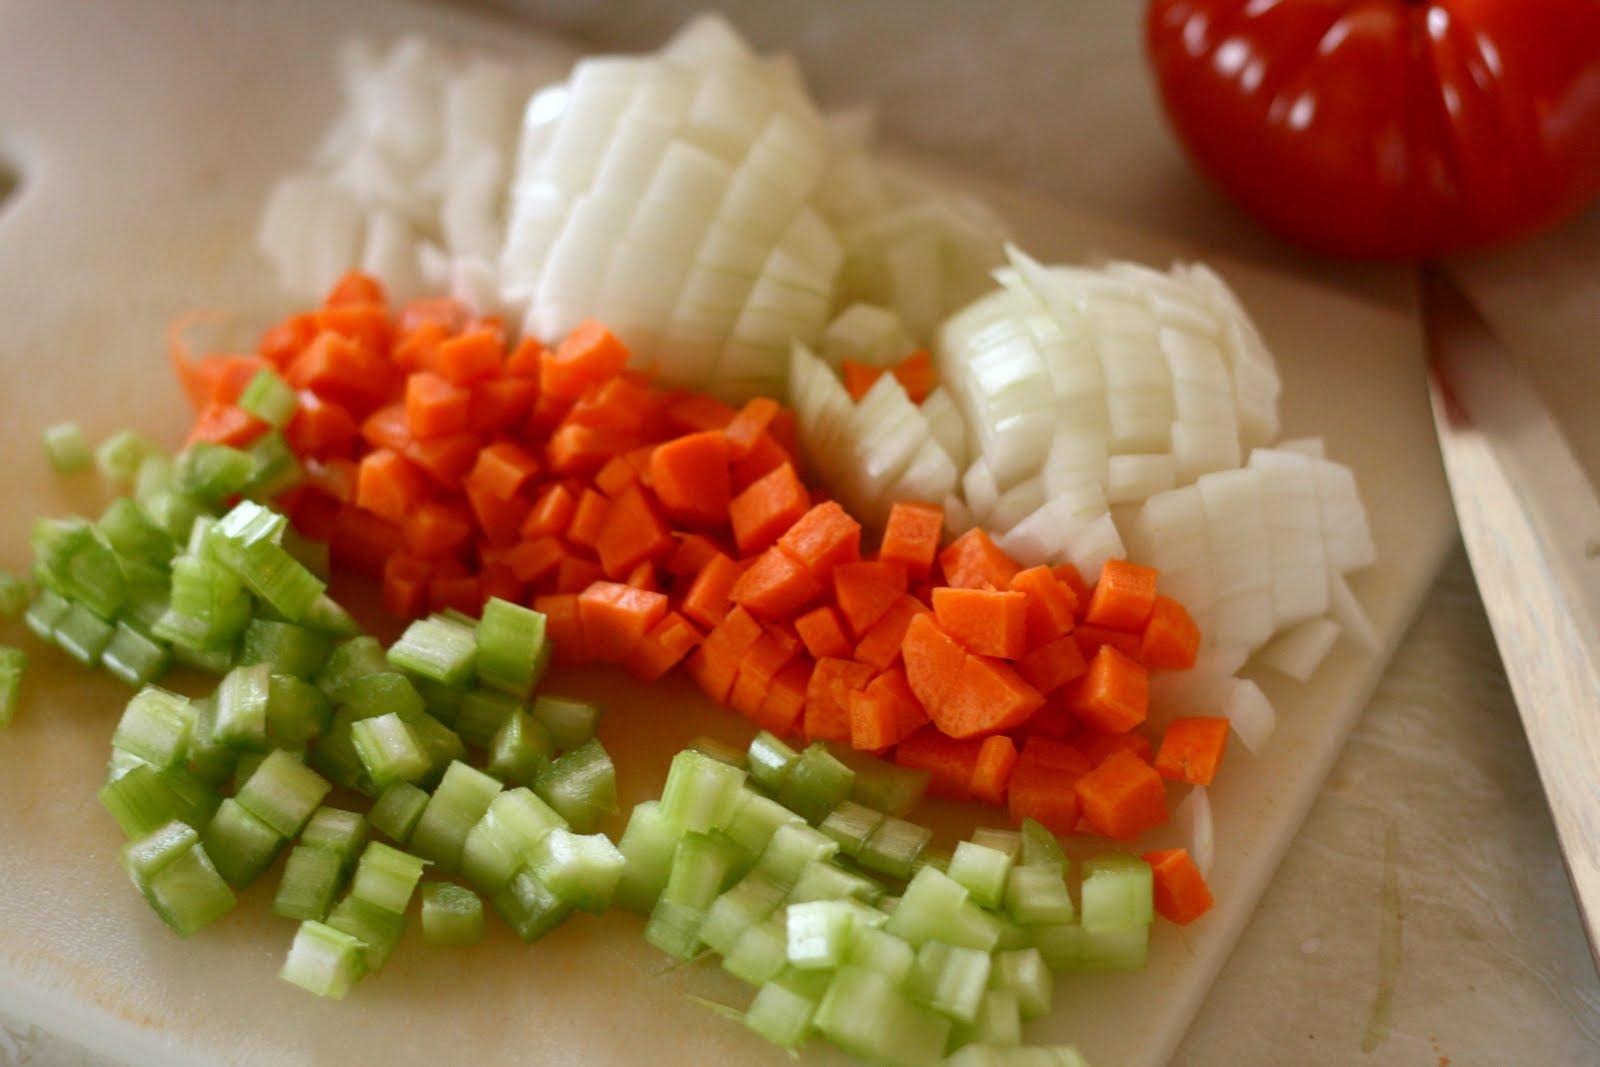 Gastronomia glosario mirepoix for Cortes de verduras gastronomia pdf